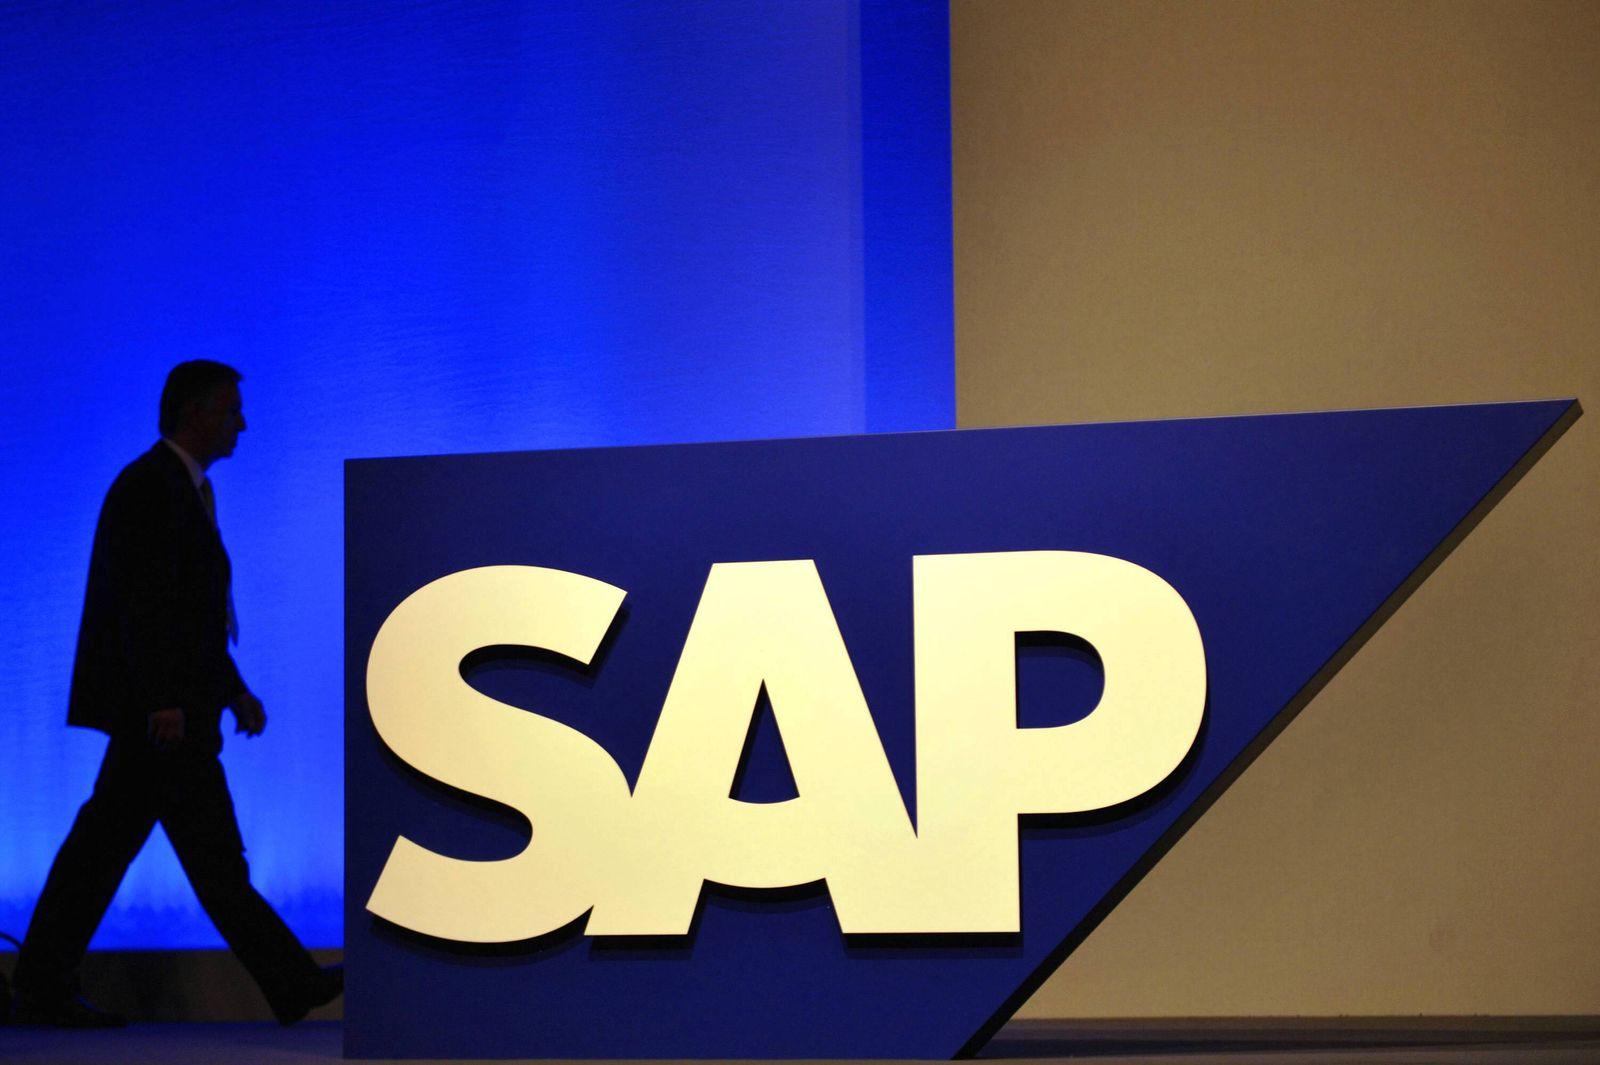 NICHT VERWENDEN SAP veroeffentlicht Ergebnis 3. Quartal